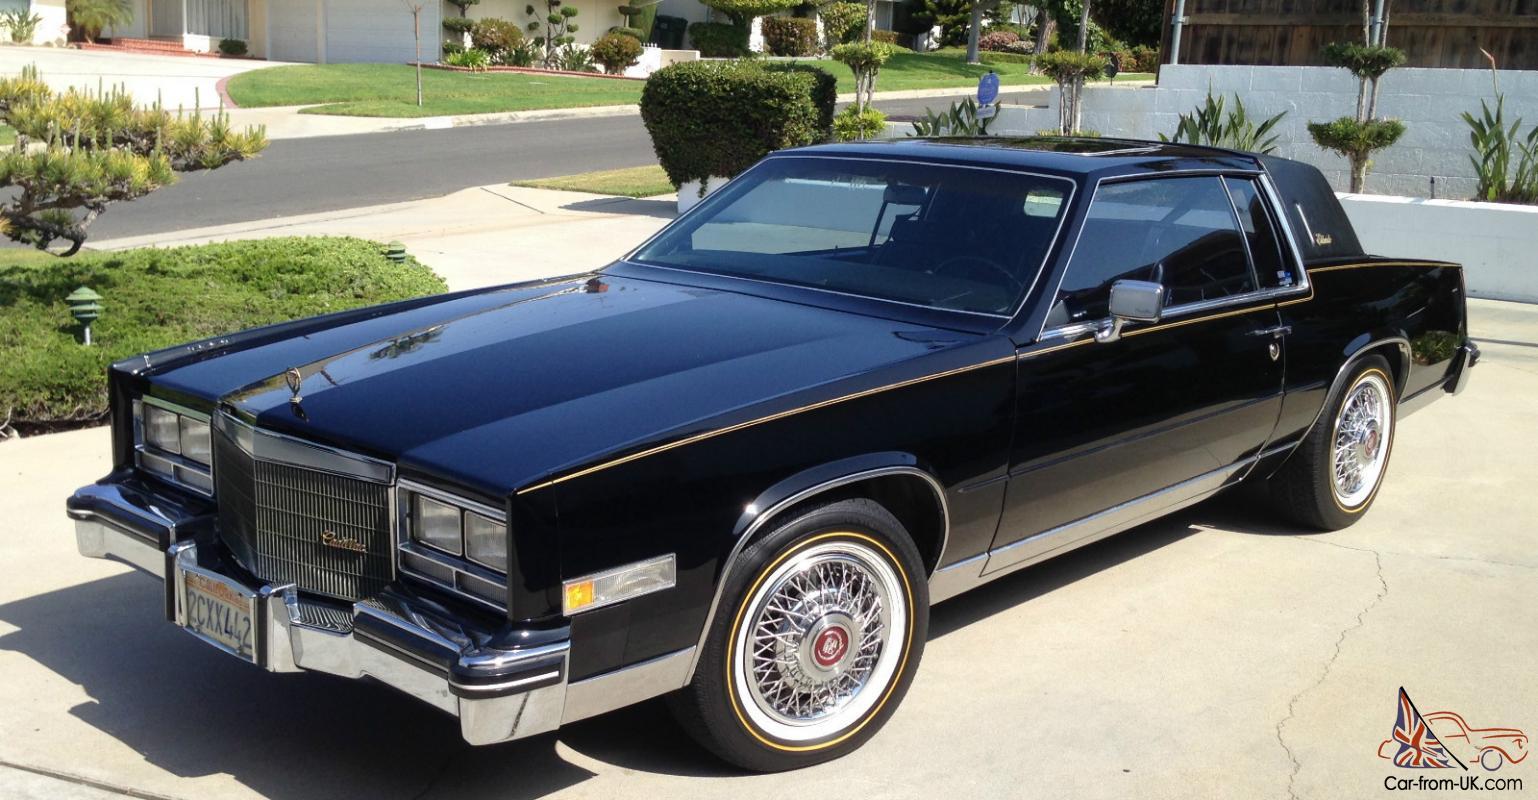 1983 CADILLAC ELDORADO - black on black/ gold package - collector condition